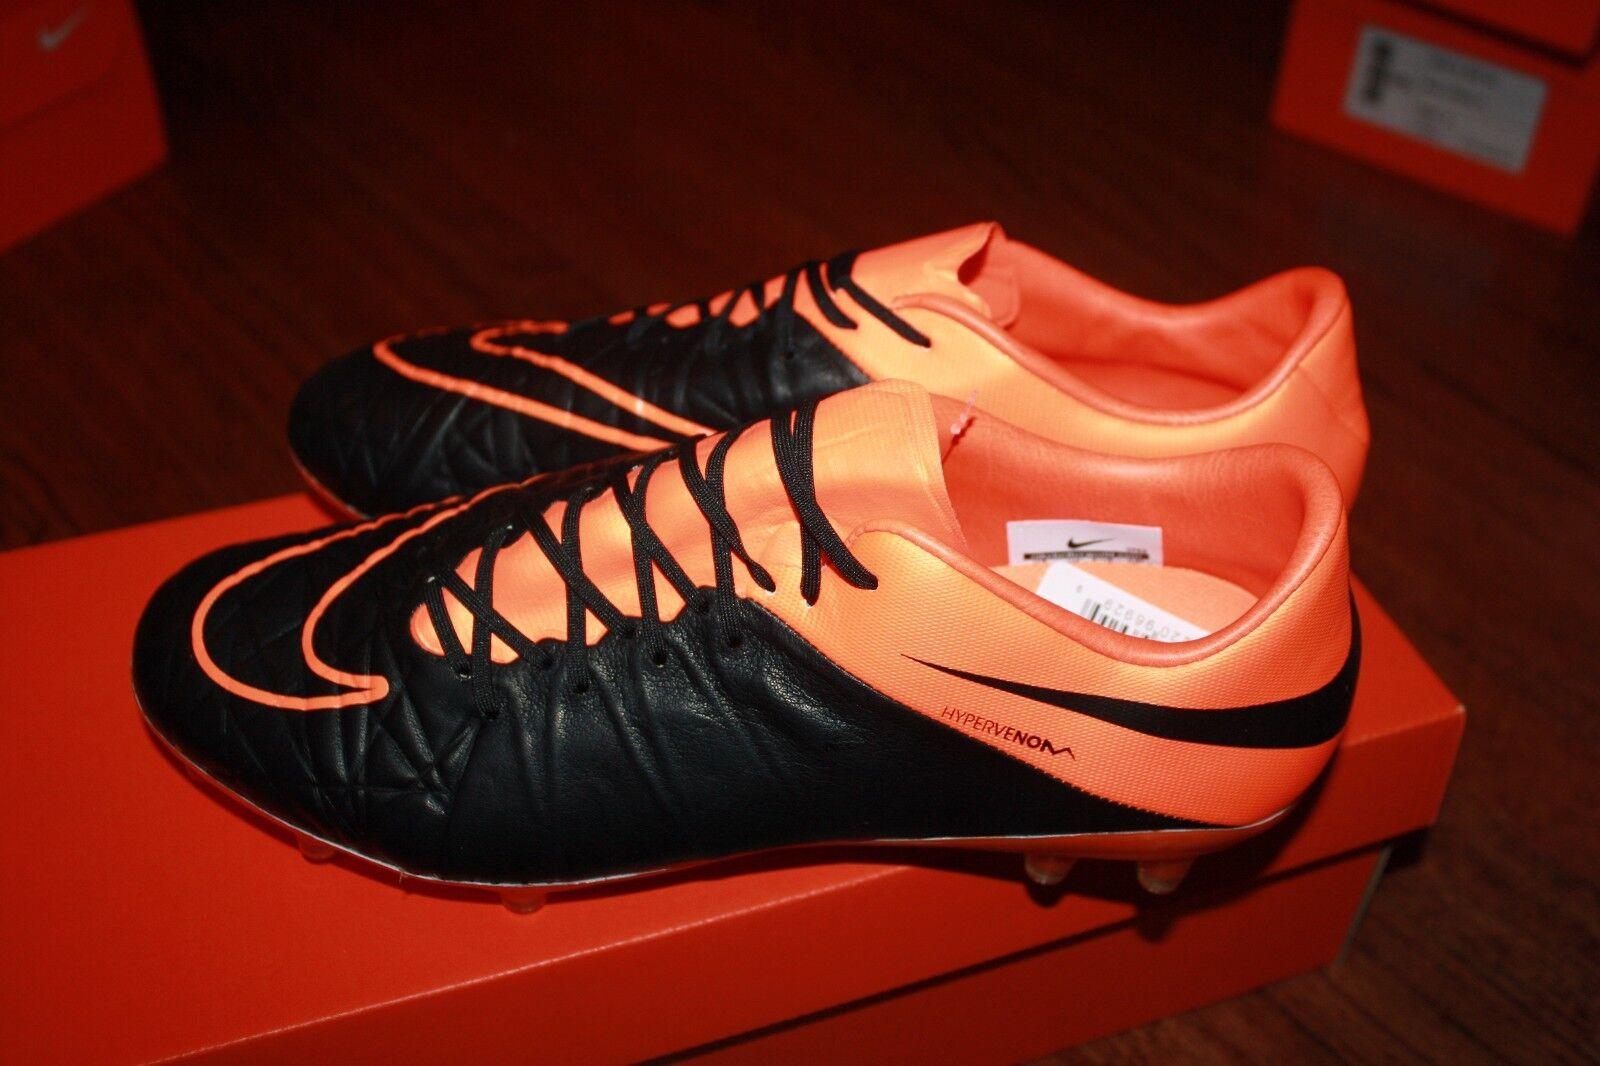 Nike uomini hypervenom phinish cuoio fg scarpini da calcio misura 9 759980-008 225